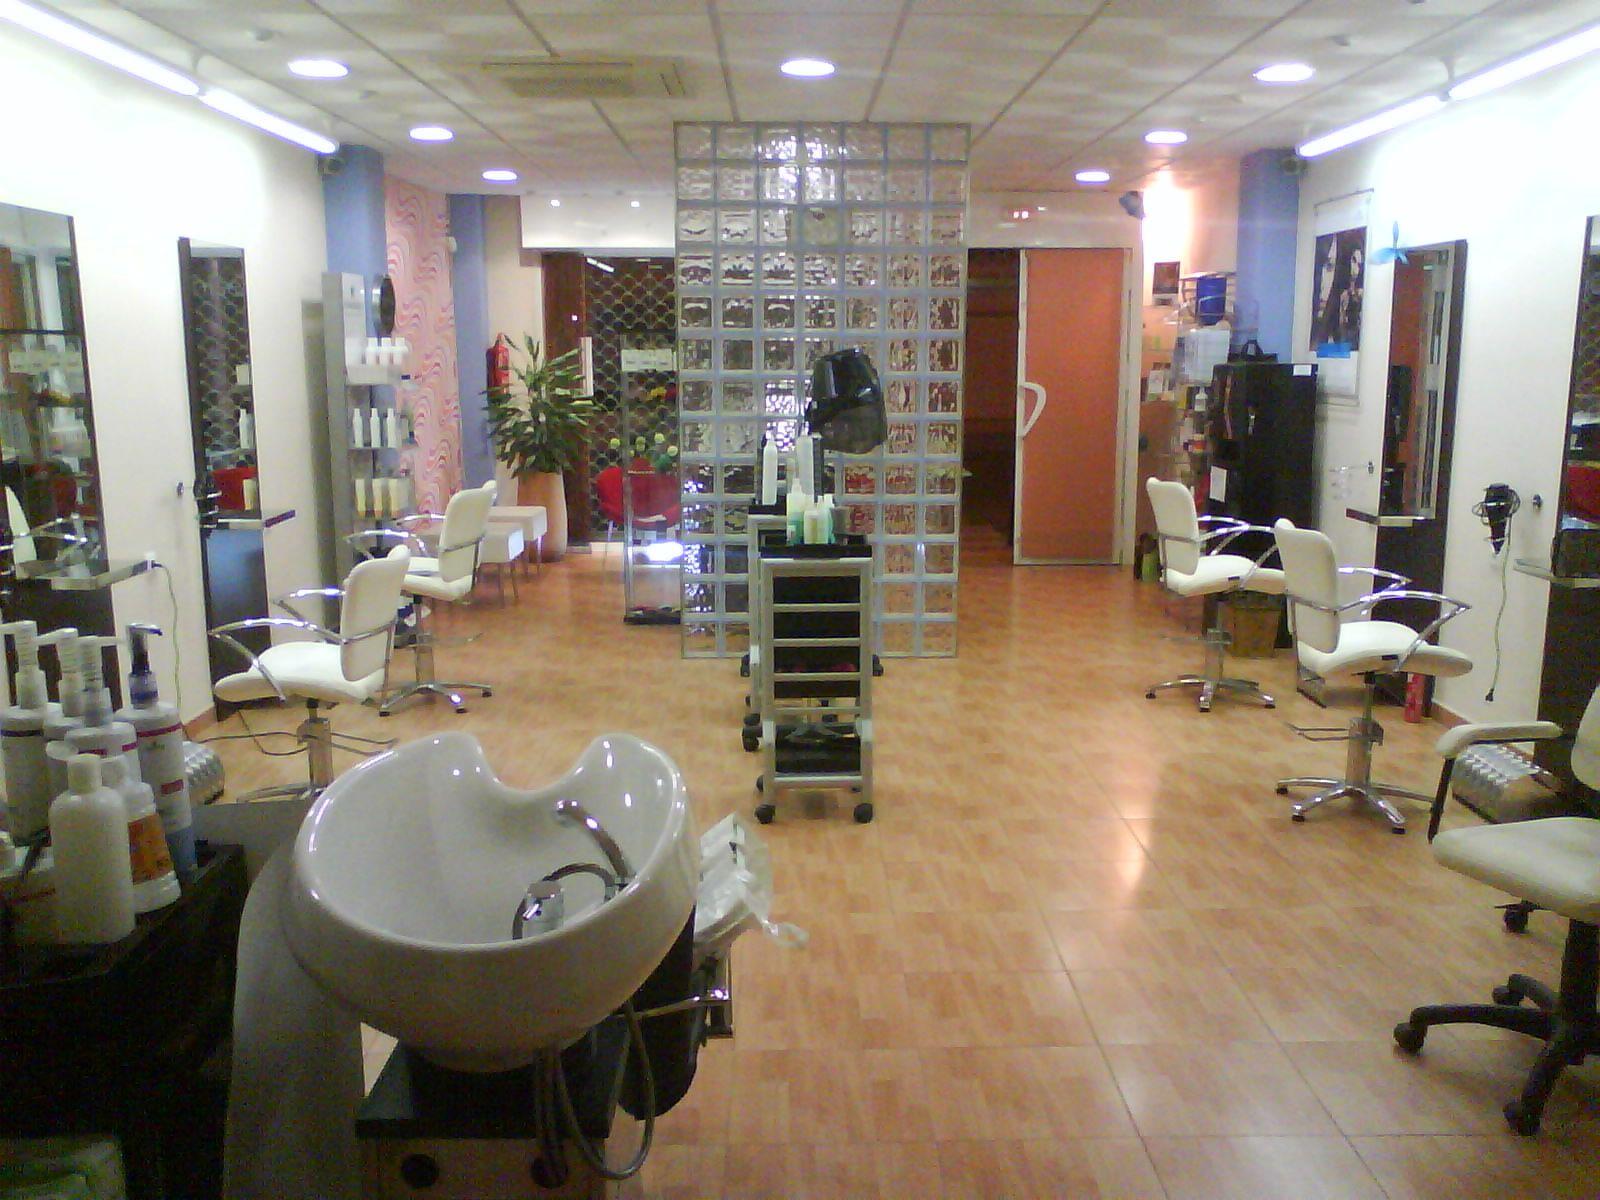 Decoraci n de salones de peluquer a salon de peluqueria for Decoracion en peluquerias